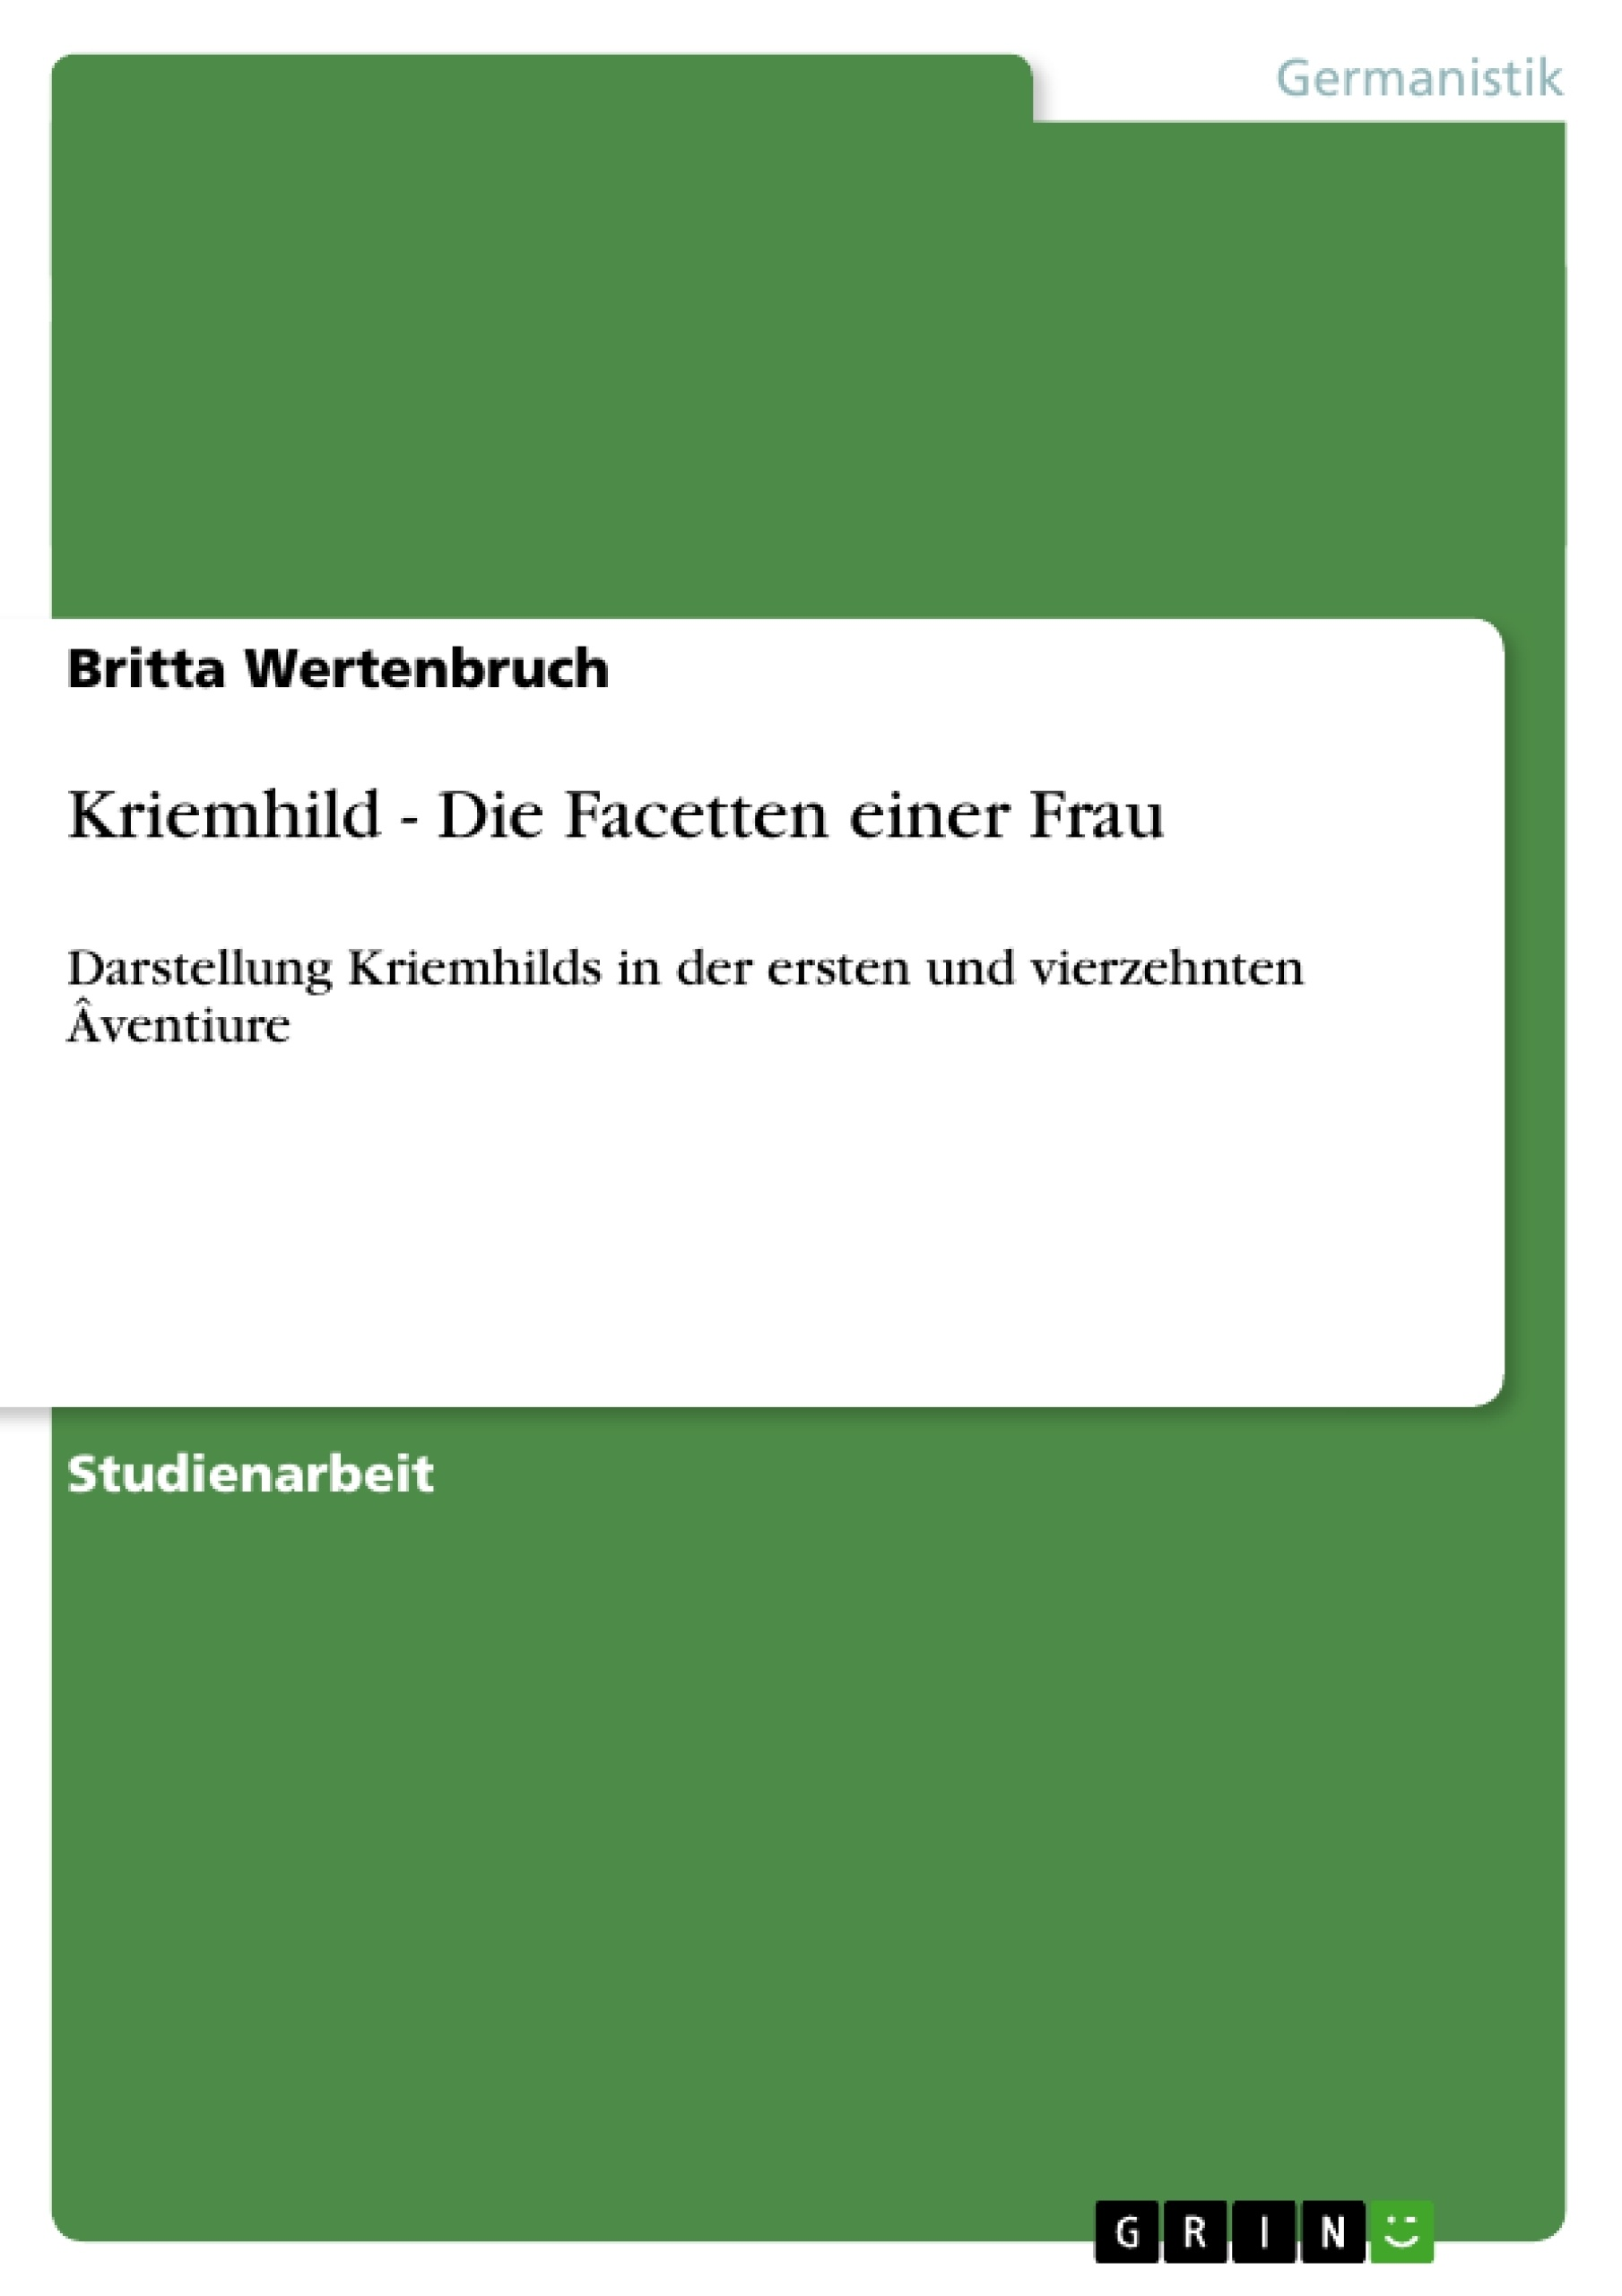 Titel: Kriemhild - Die Facetten einer Frau